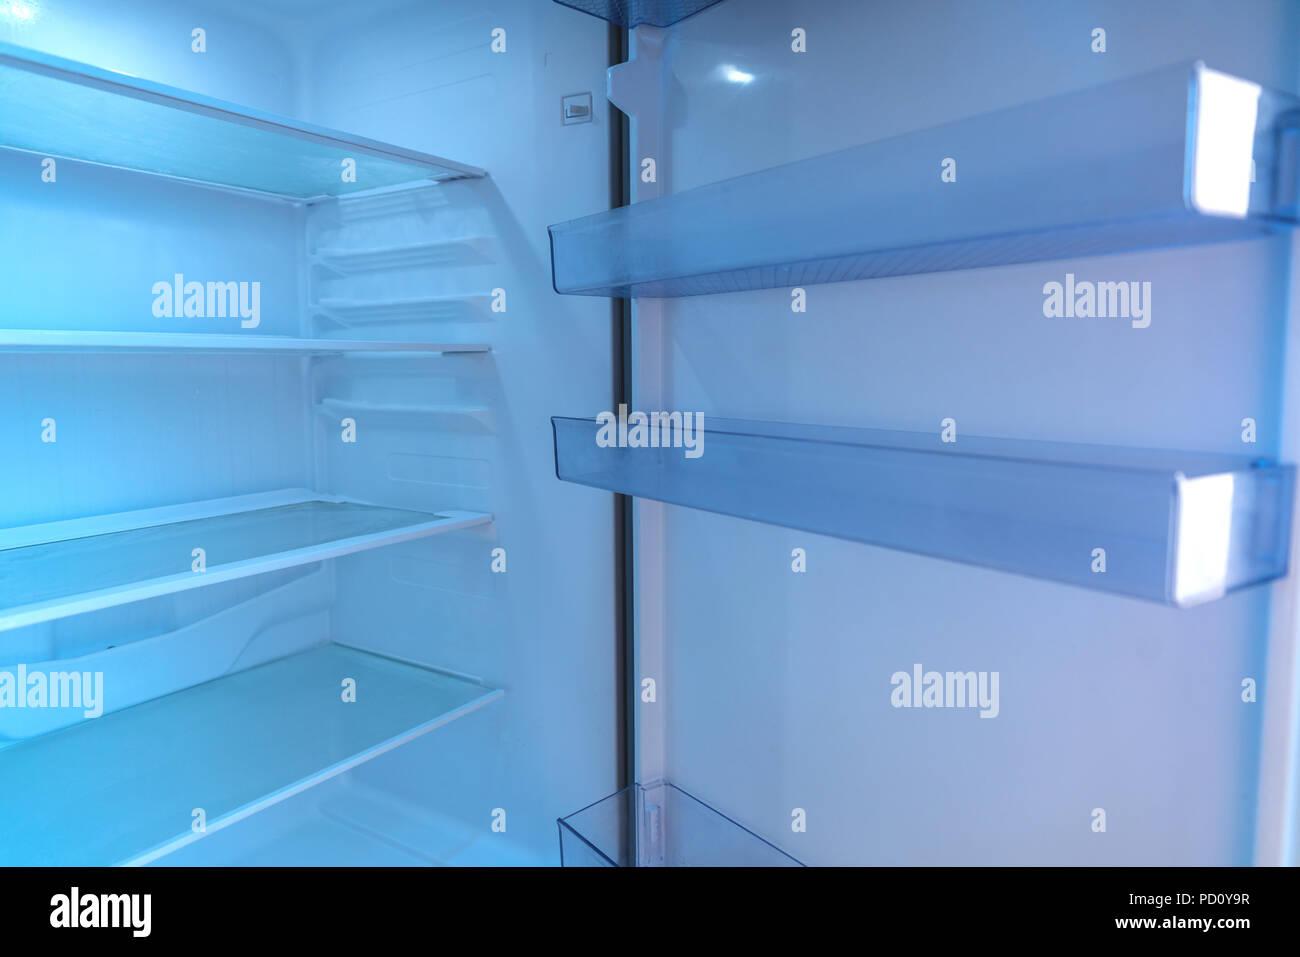 Kühlschrank Reinigen : Leere regale in der tür des offenen kühlschrank reinigen stockfoto